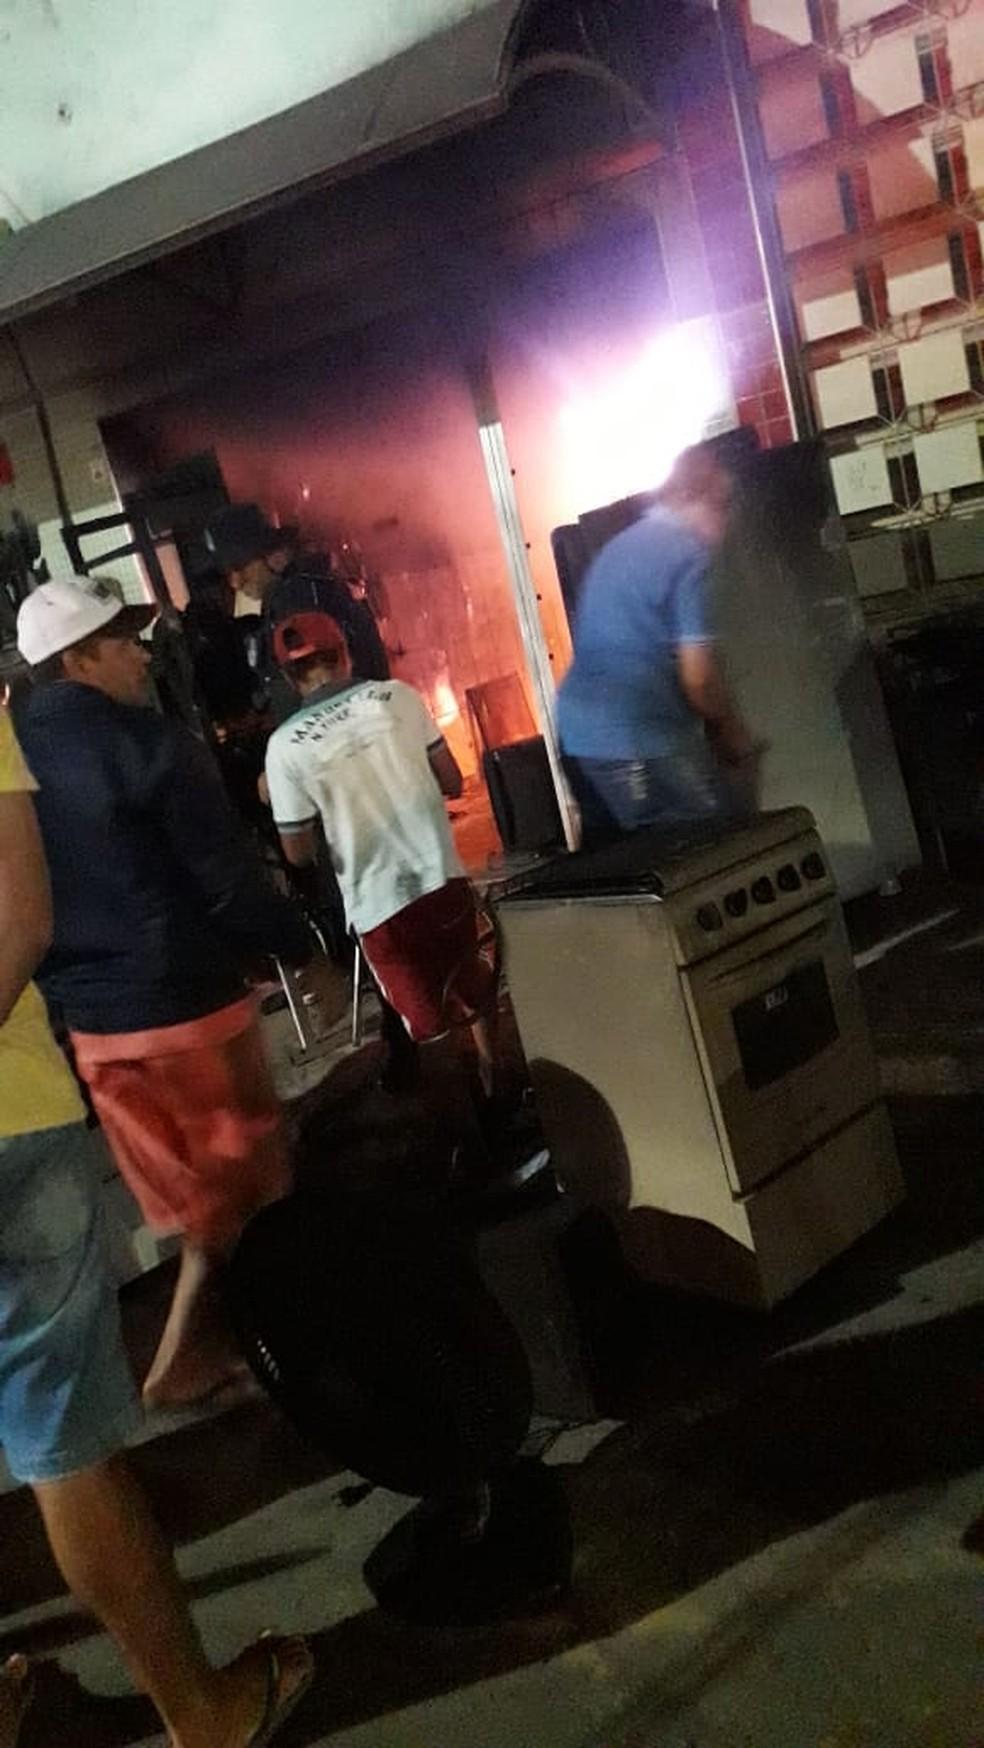 Parte dos móveis armazenados no local foram destruídos pelas chamas. — Foto: Arquivo pessoal